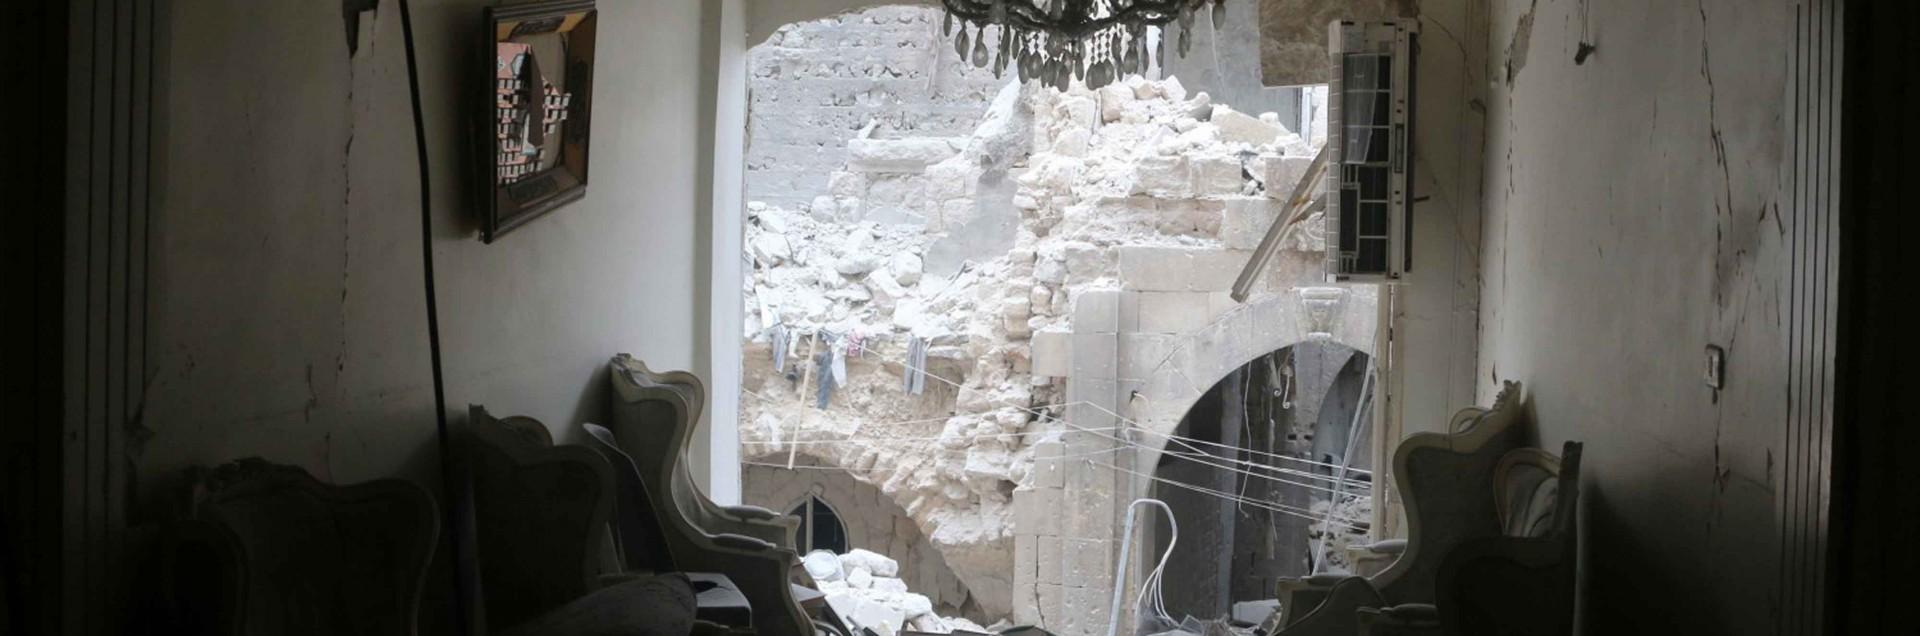 Tra le bombe di Aleppo